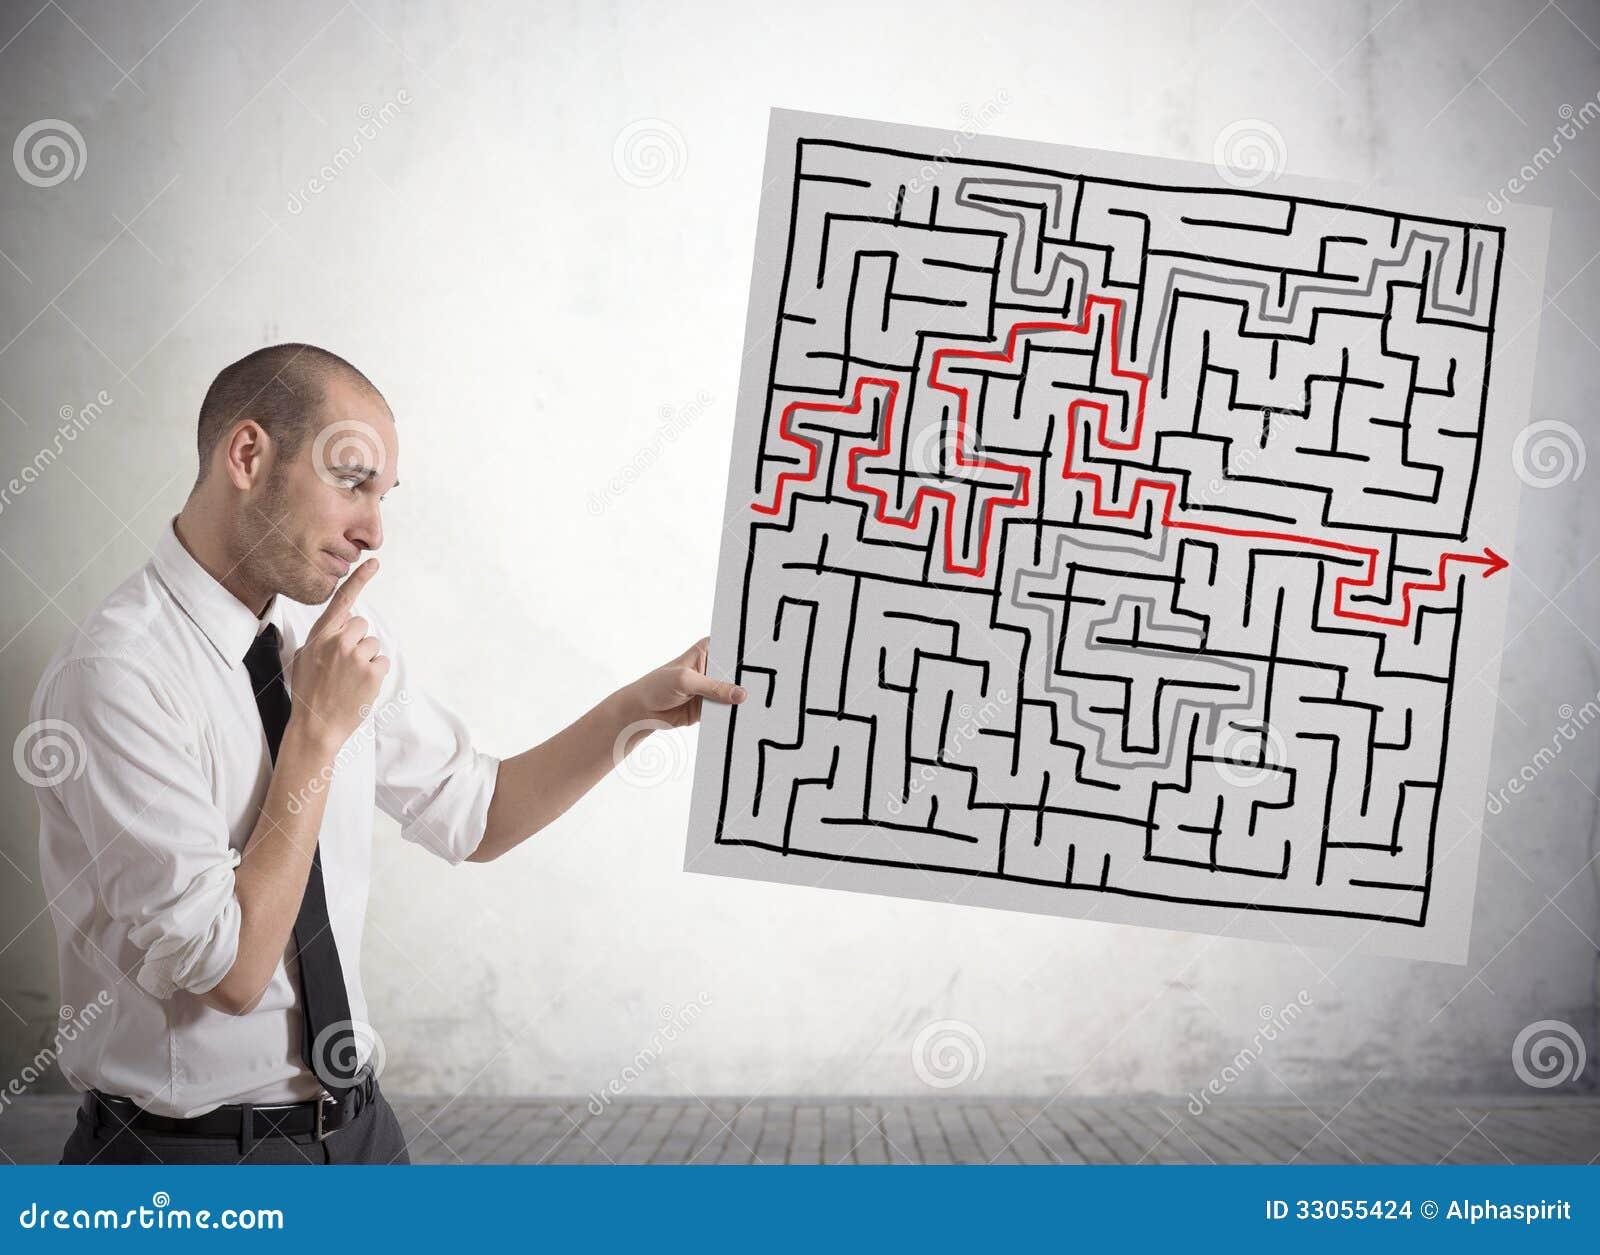 Solução para o labirinto